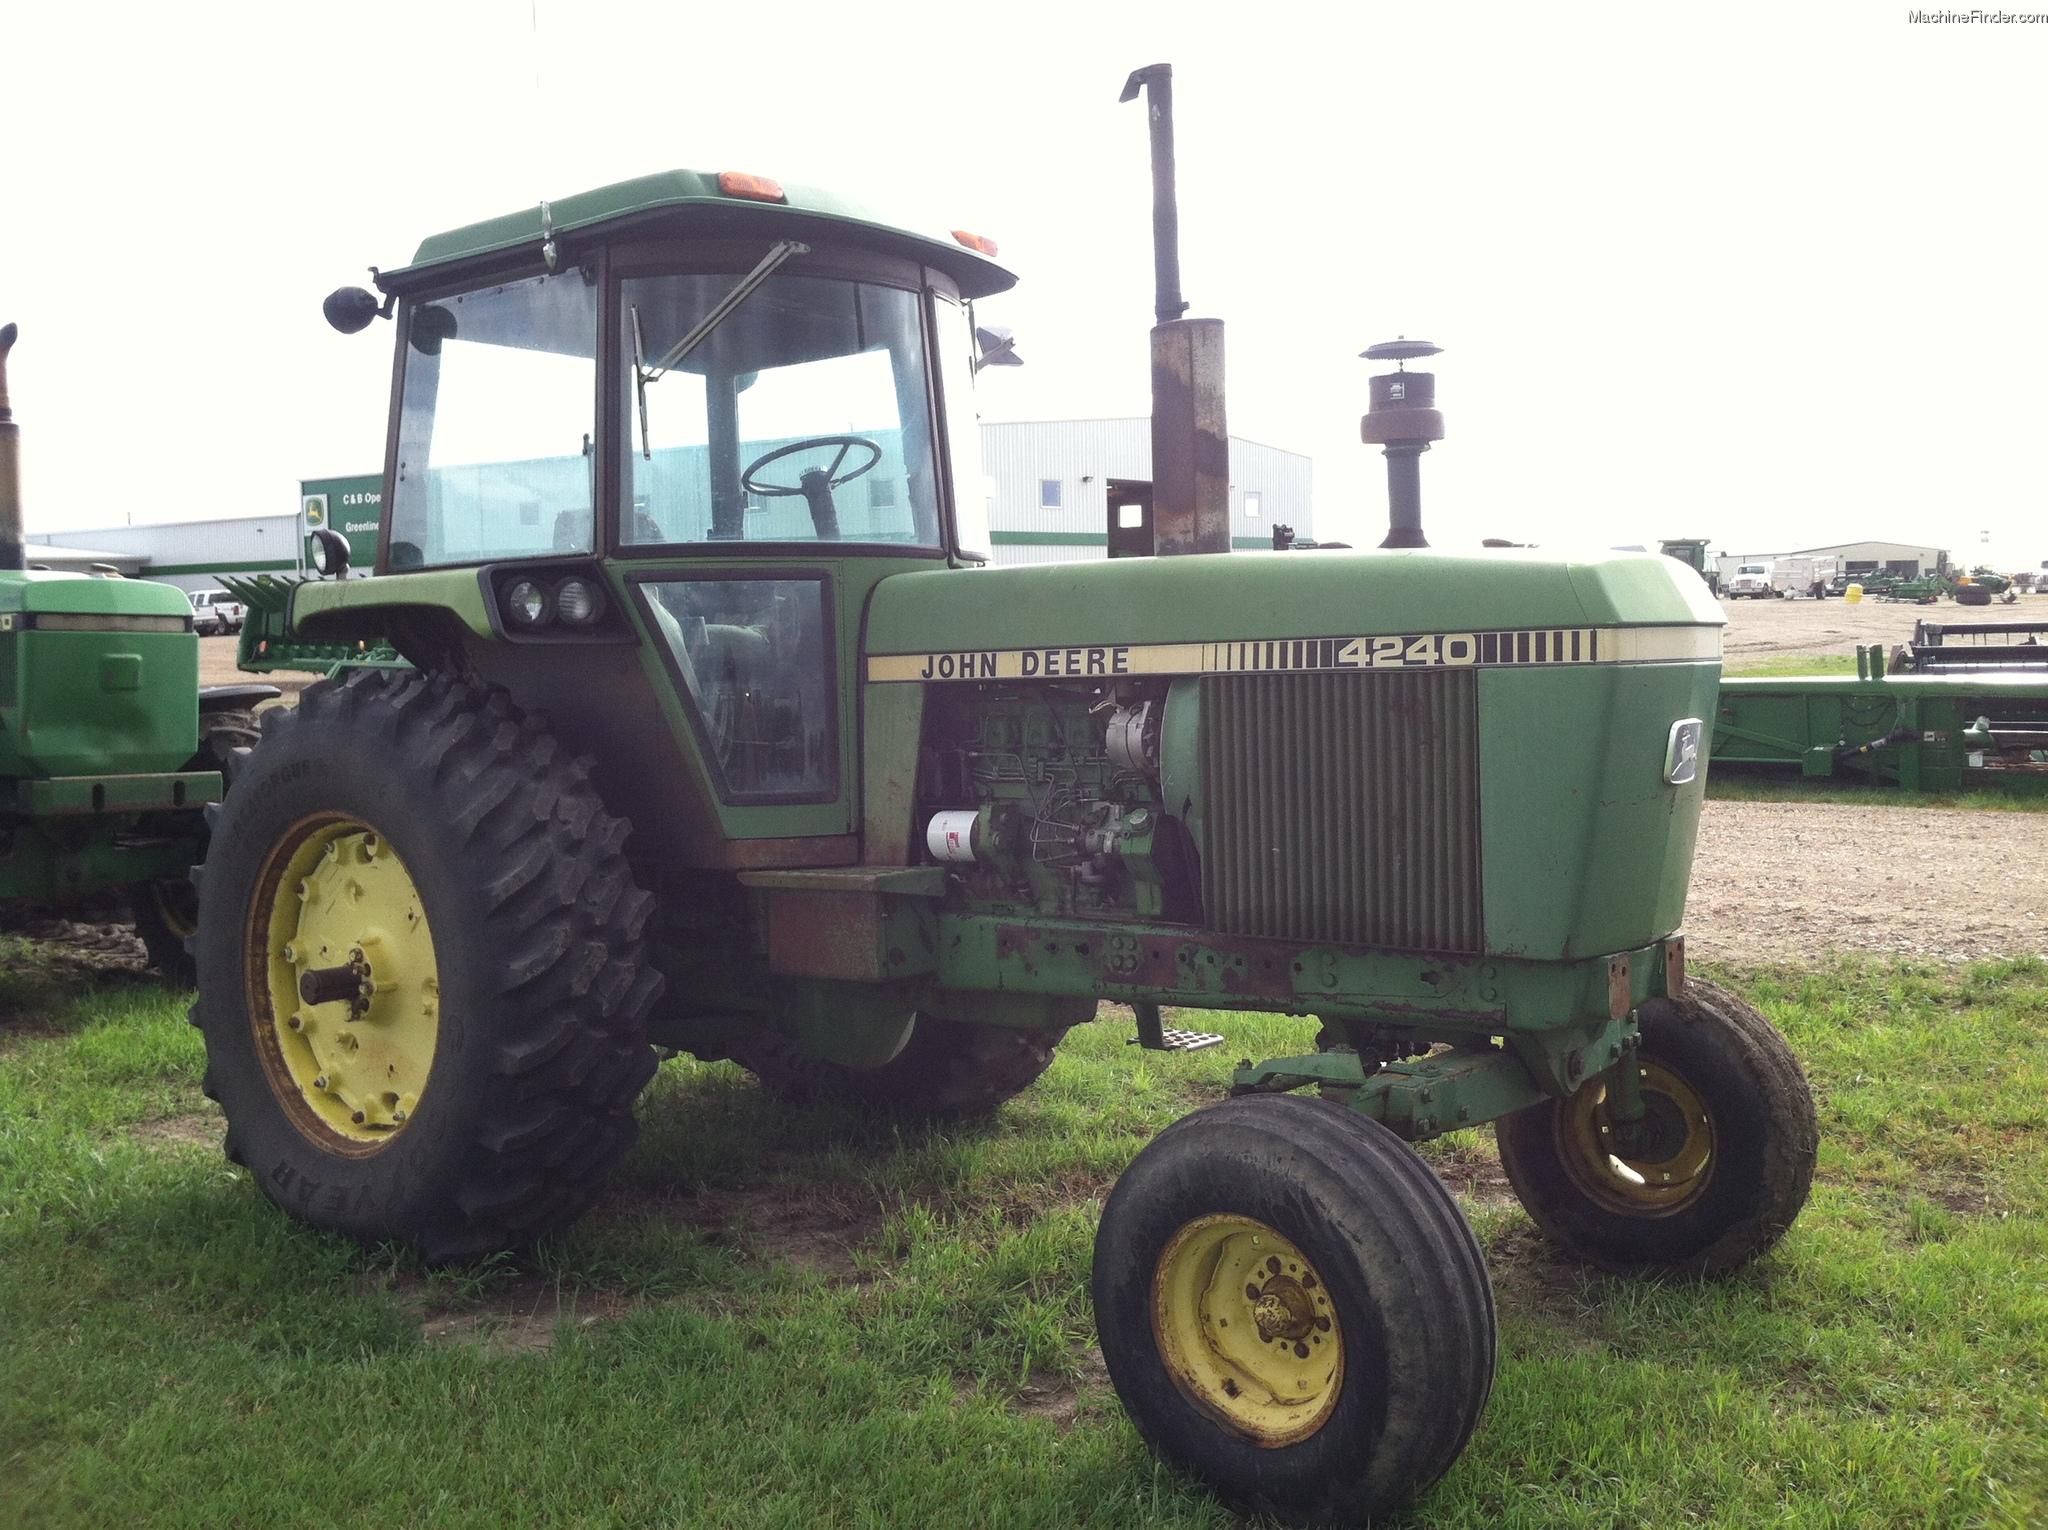 1983 John Deere 4240 Tractors - Row Crop (+100hp) - John ...